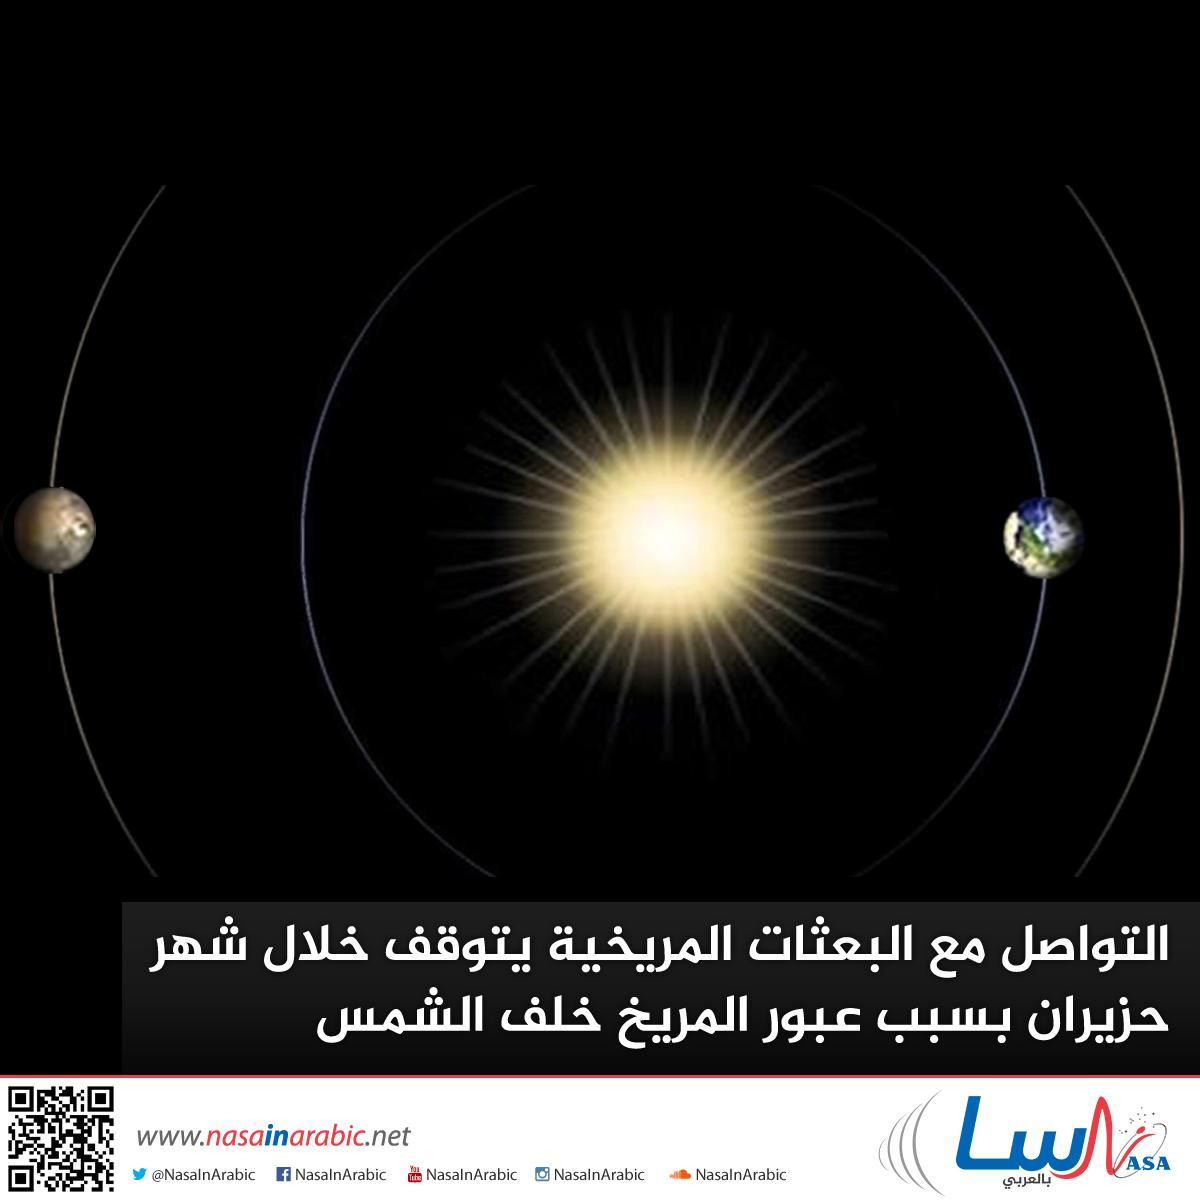 الشّمس تقطعُ الاتّصال بين الأرضِ والمرّيخ